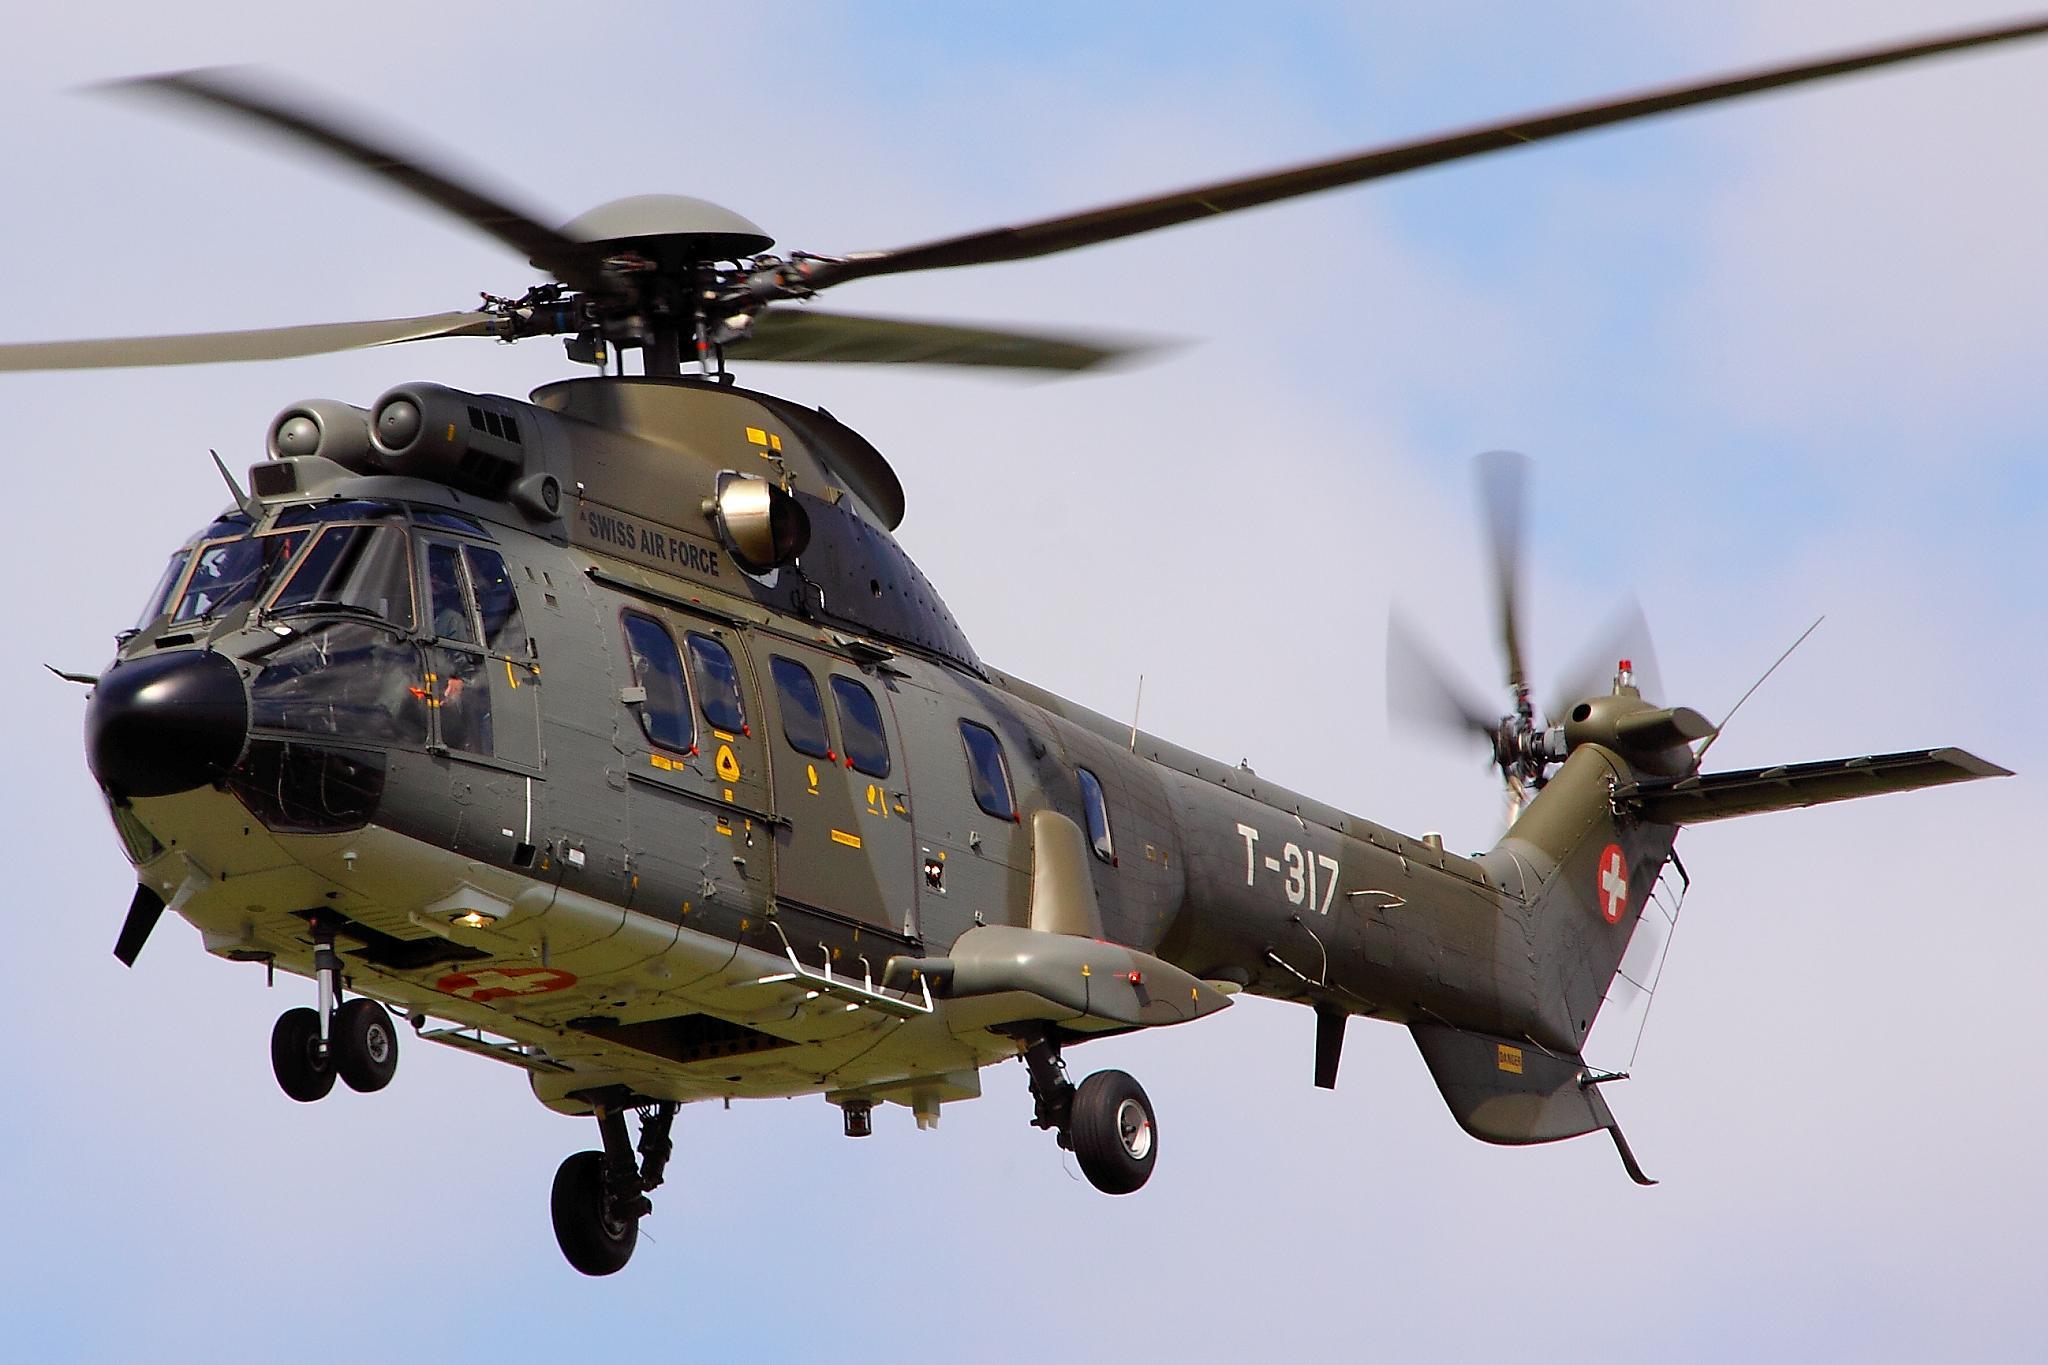 Elicotteri militari, regole d'ingaggio